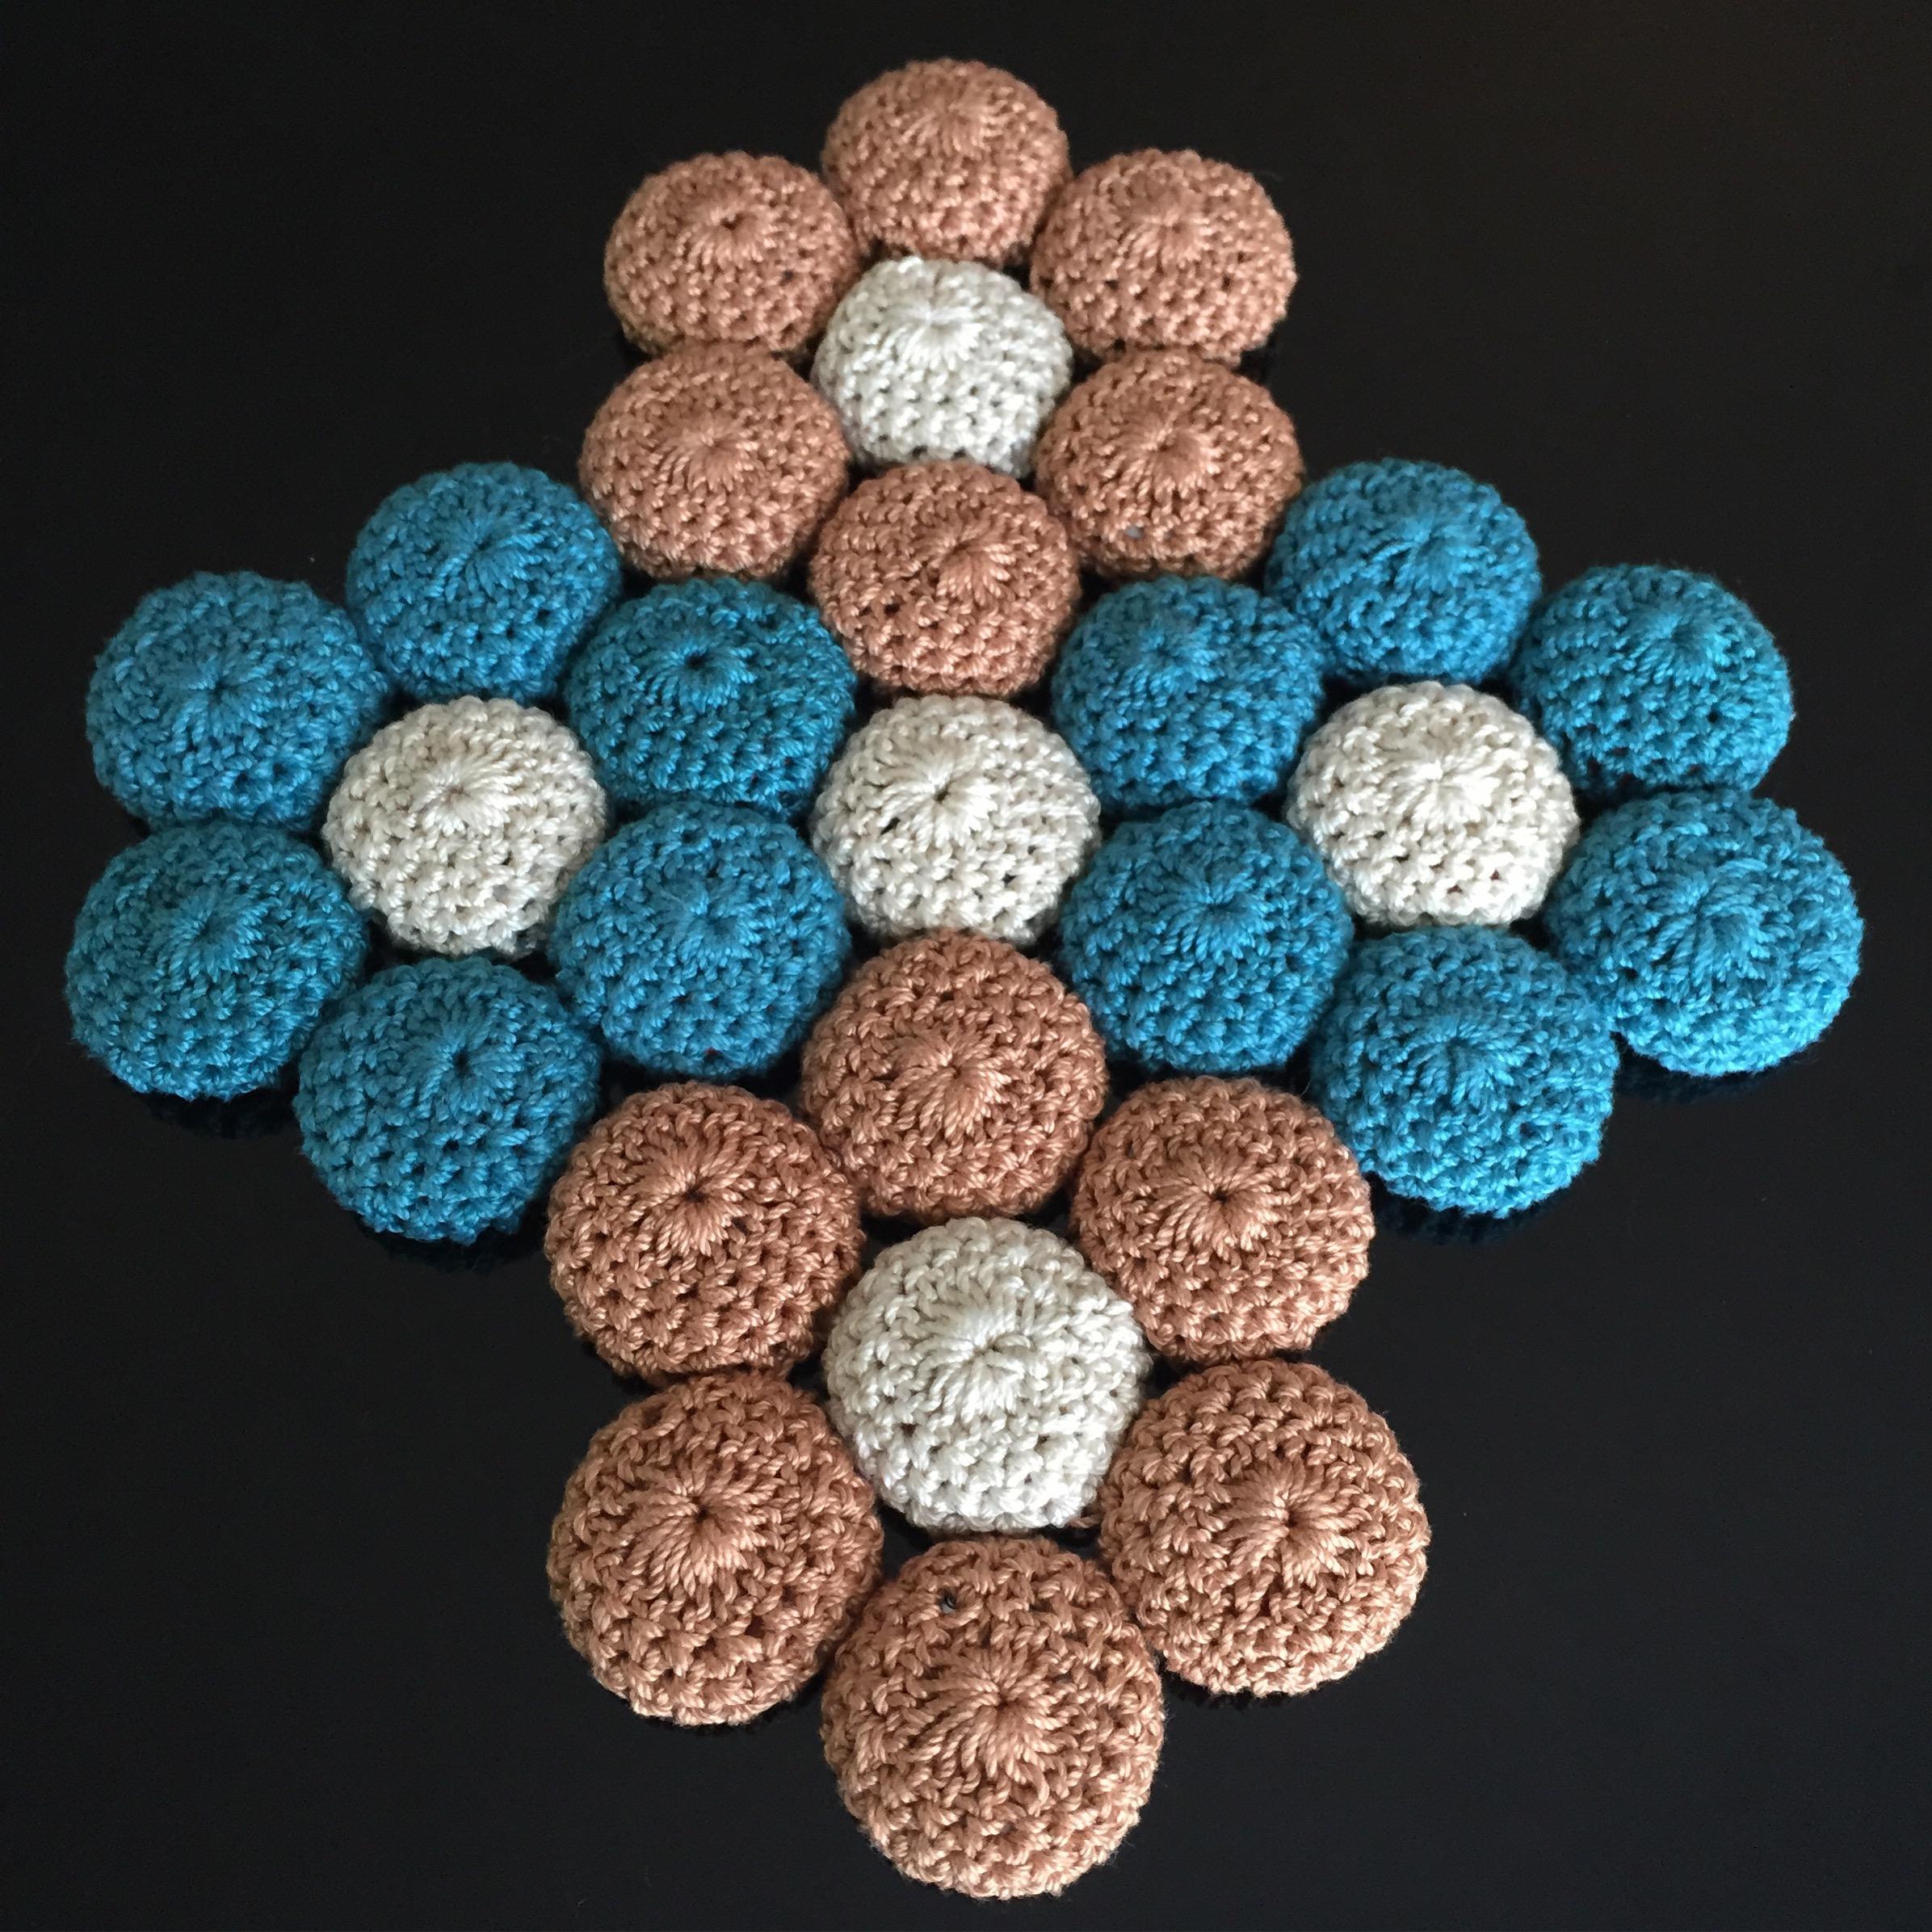 Crocheted Bottle Cap Trivet